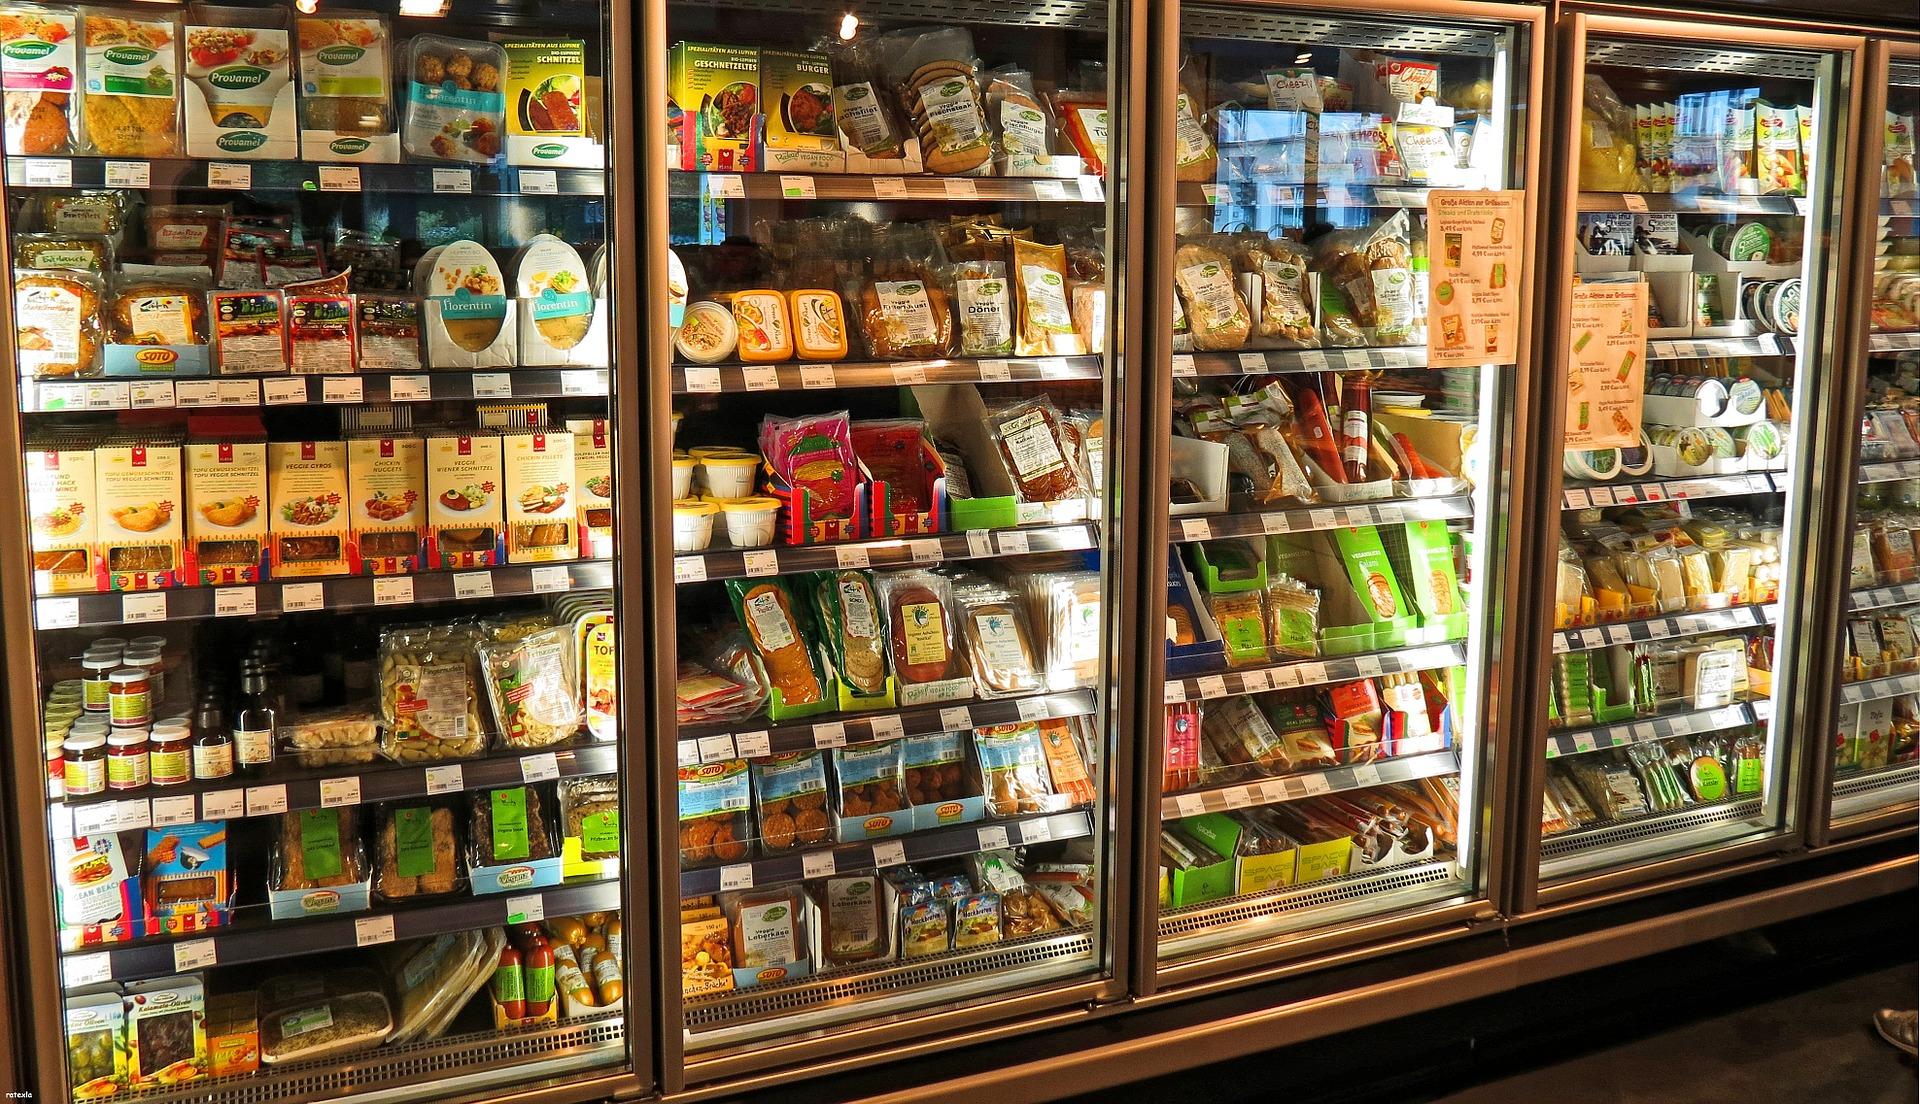 慣れれば簡単!「冷凍」を使った自炊&弁当で食費節約